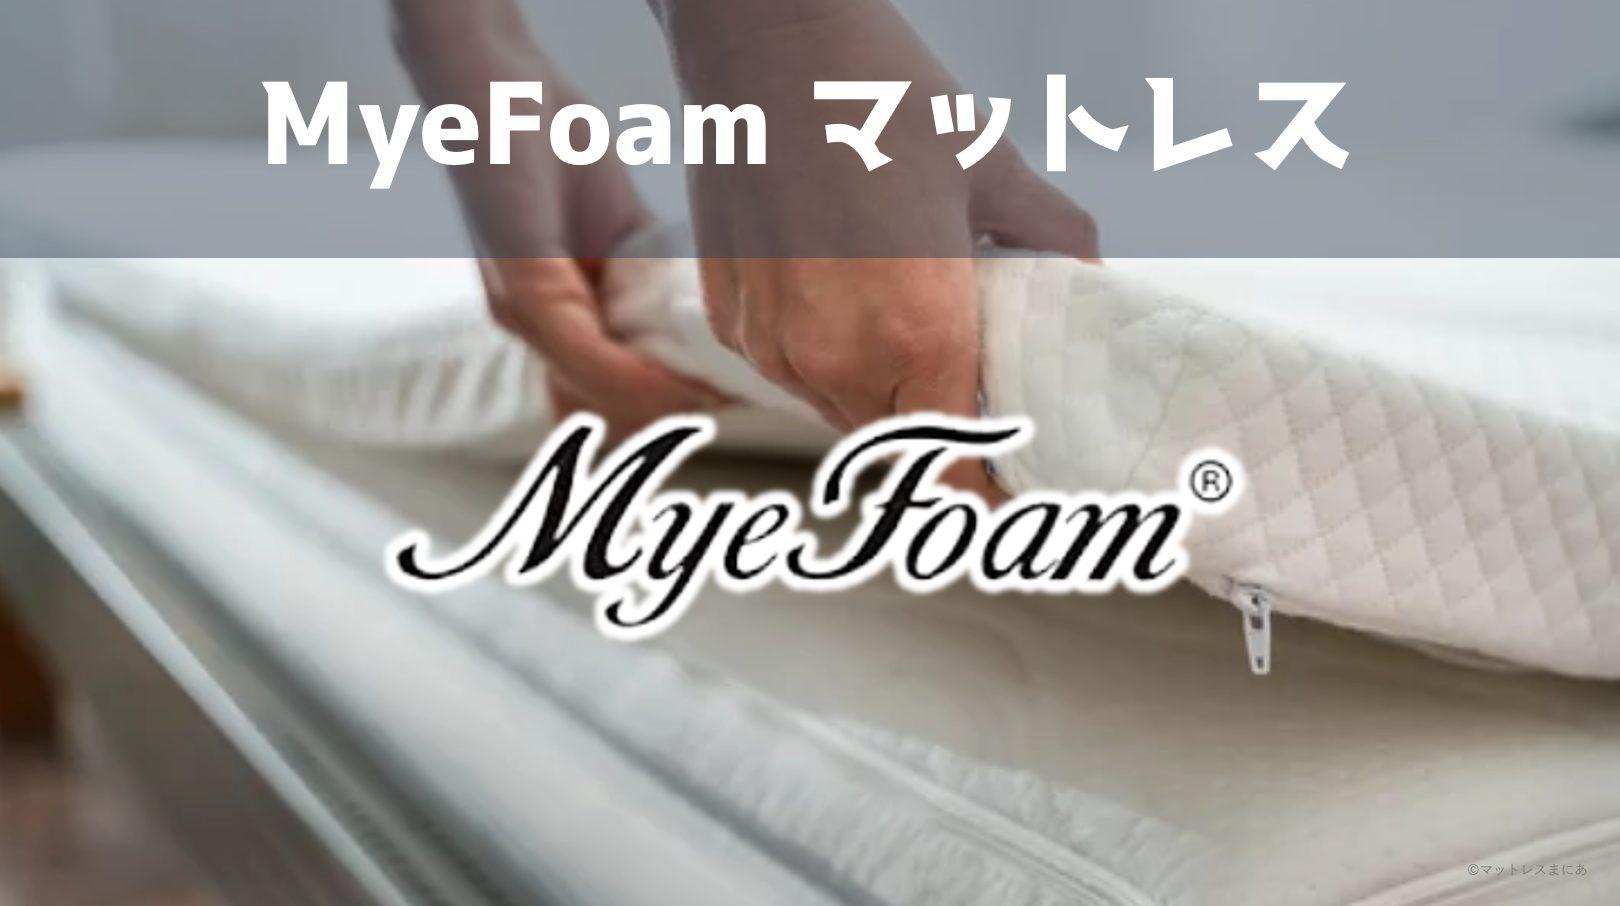 怪しい?MyeFoamマットレスの口コミ&評判|新世代健康高反発のレビュー検証